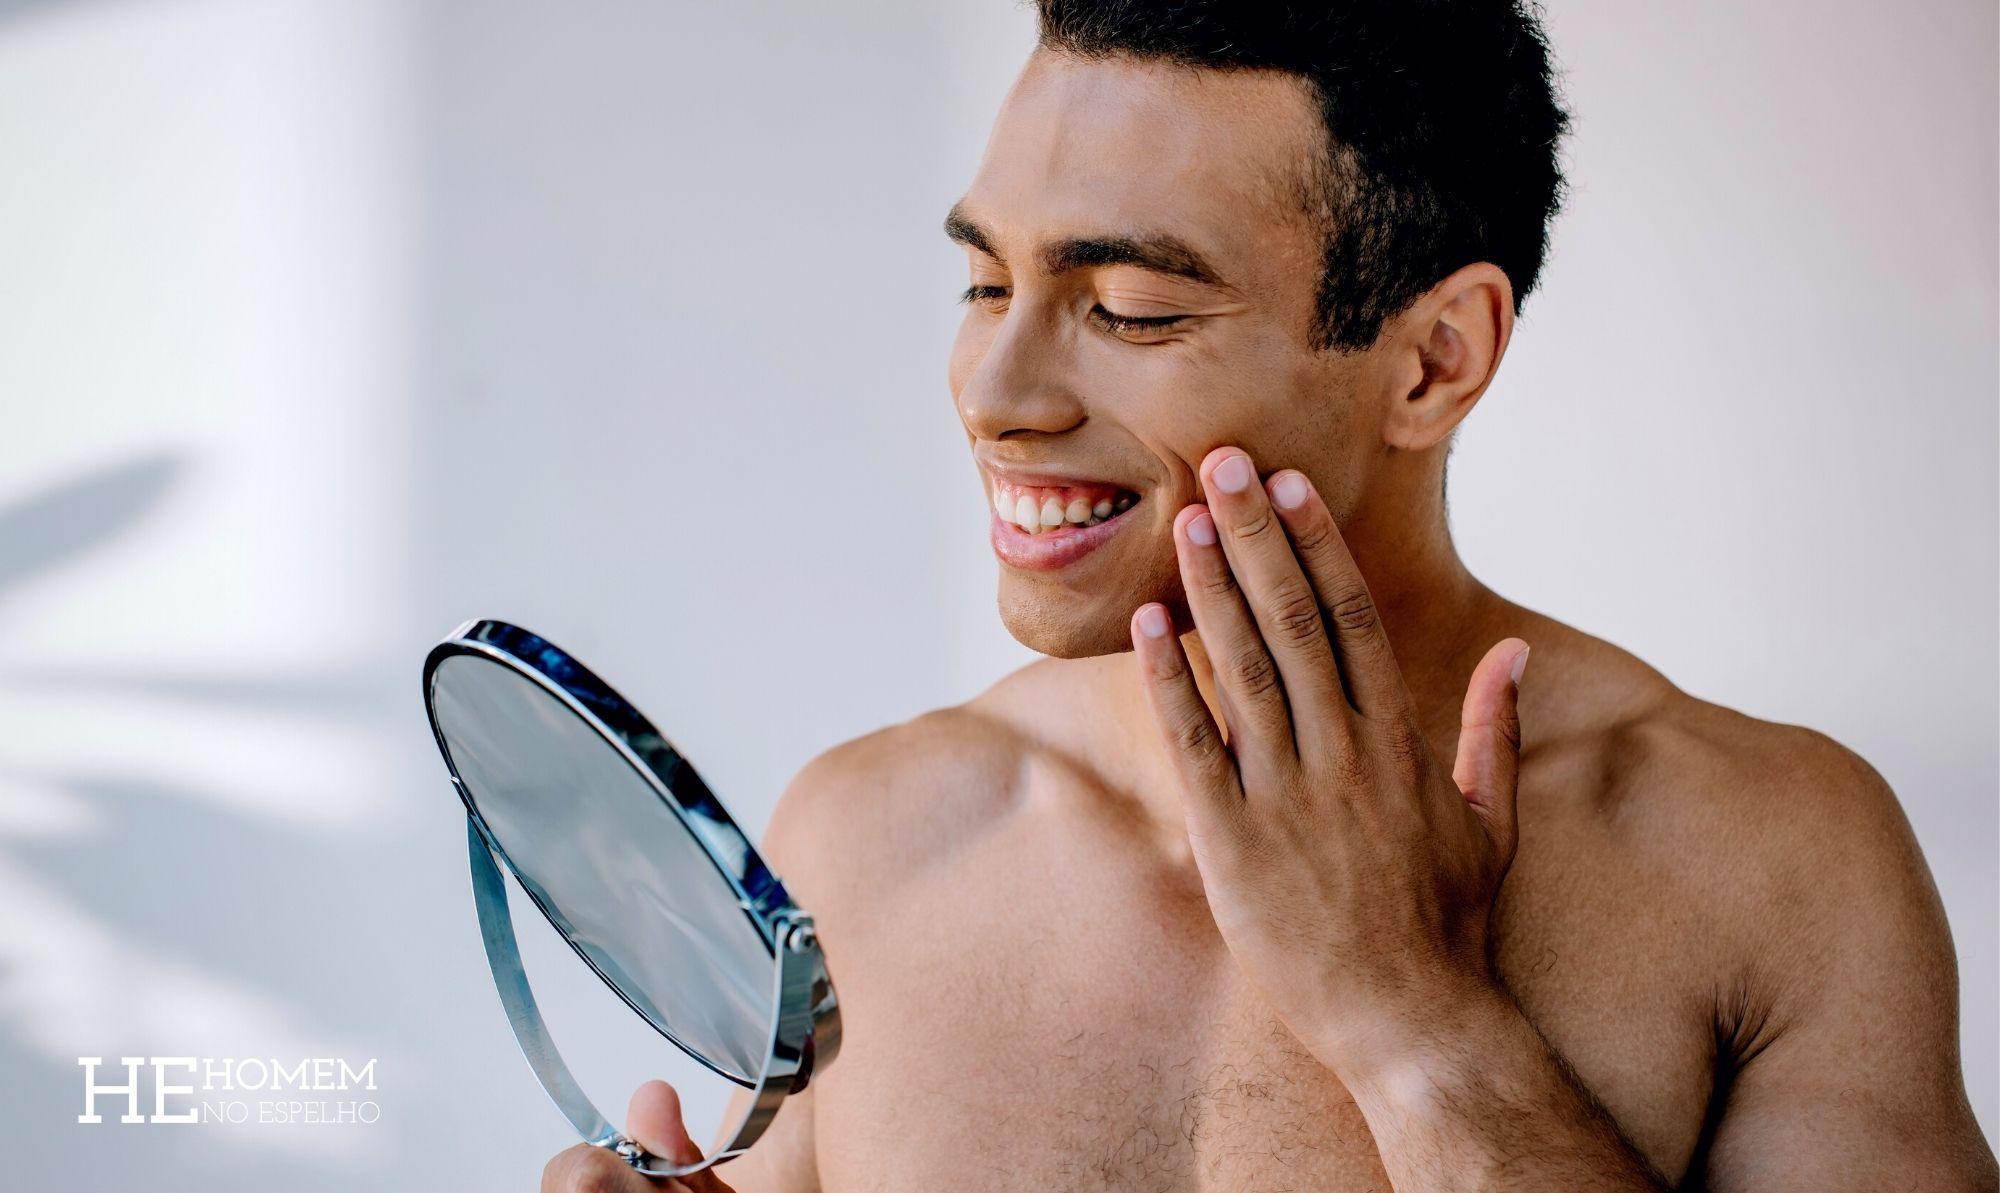 Homem No Espelho - Como retardar o envelhecimento do seu rosto